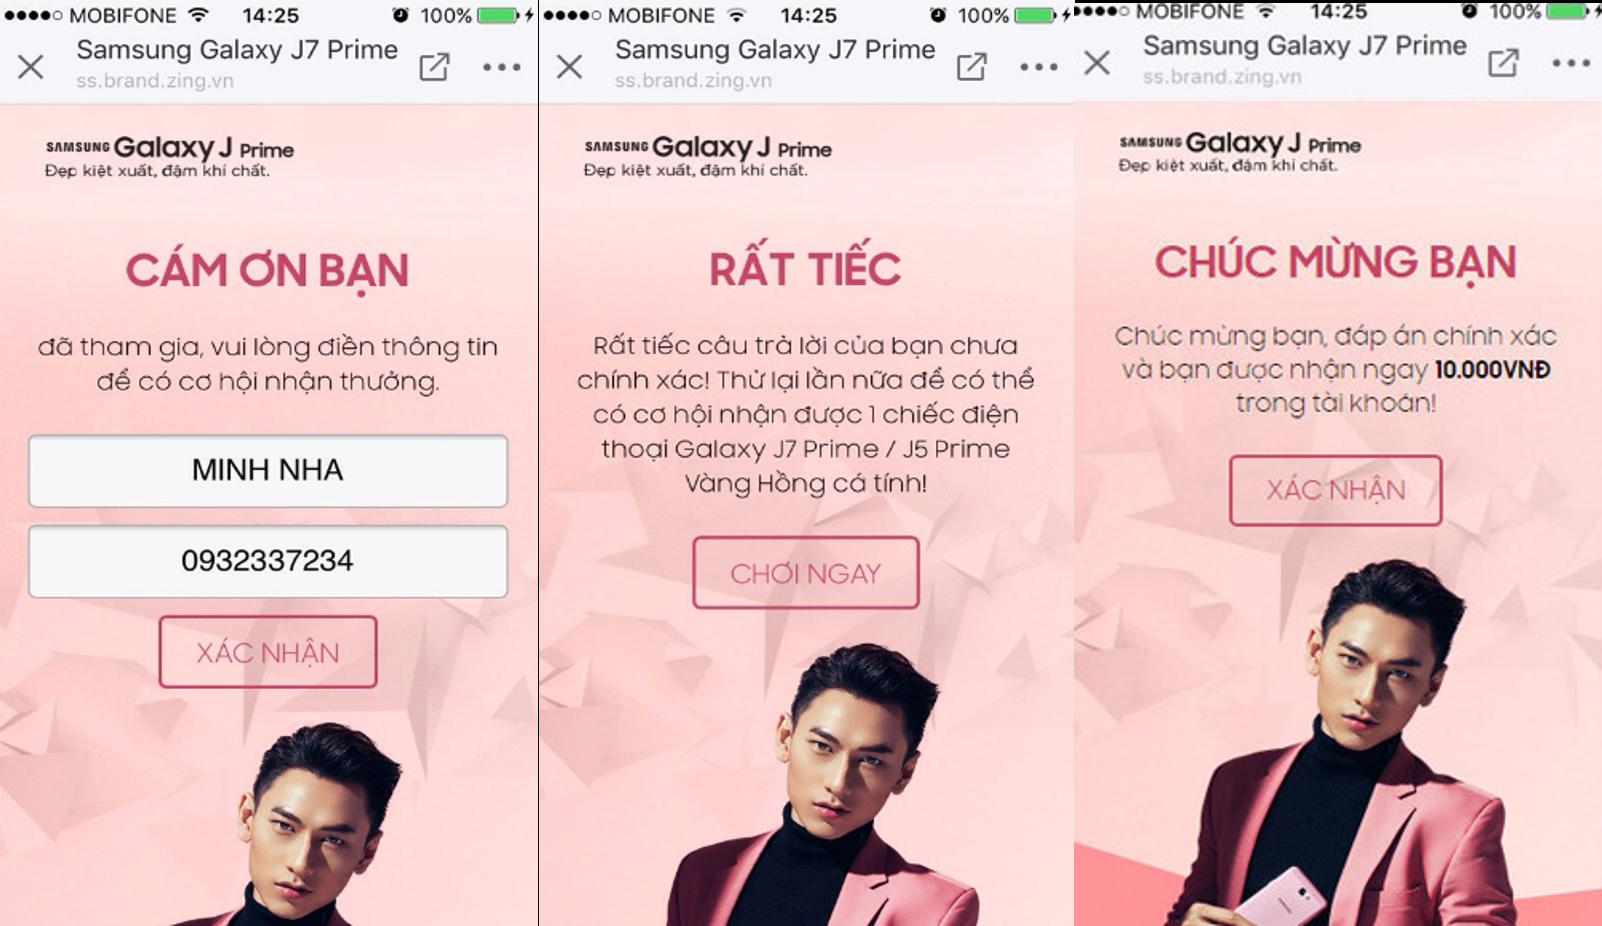 Thu hút người dùng quan tâm Samsung OA, chơi game tương tác và nhập thông tin để nhận quà hấp dẫn